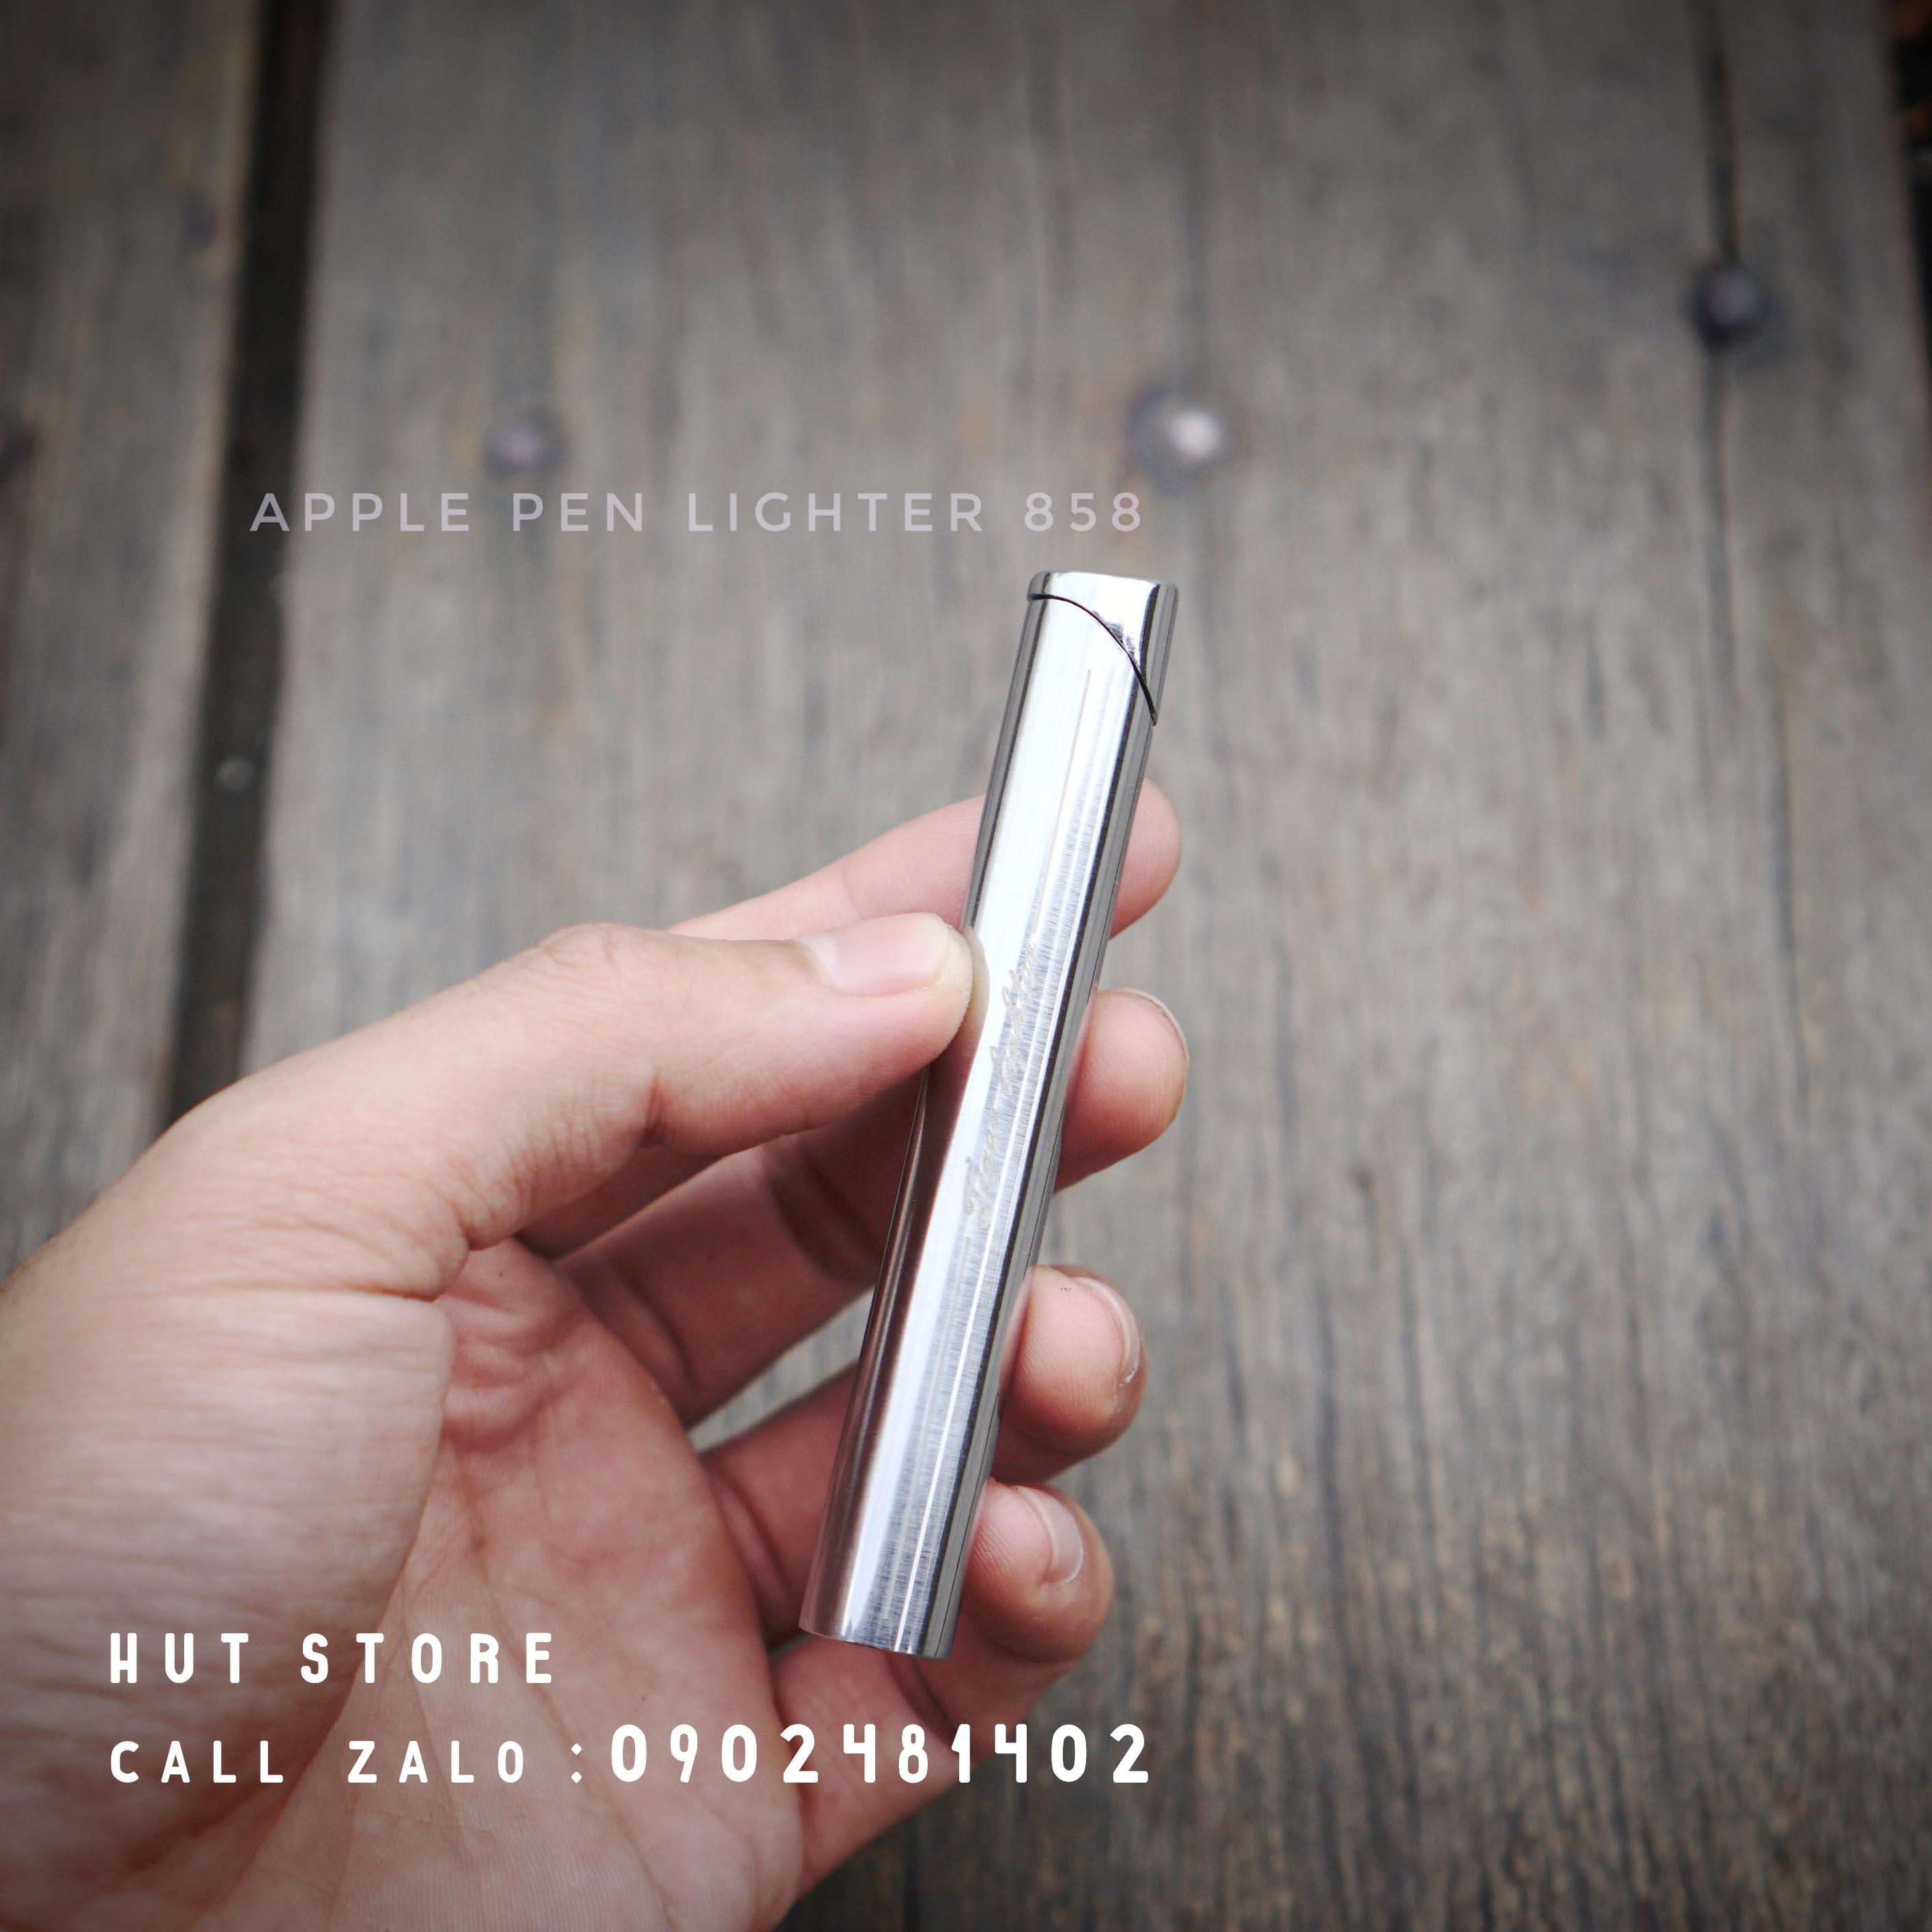 Bật lửa gas Apple Pen 858